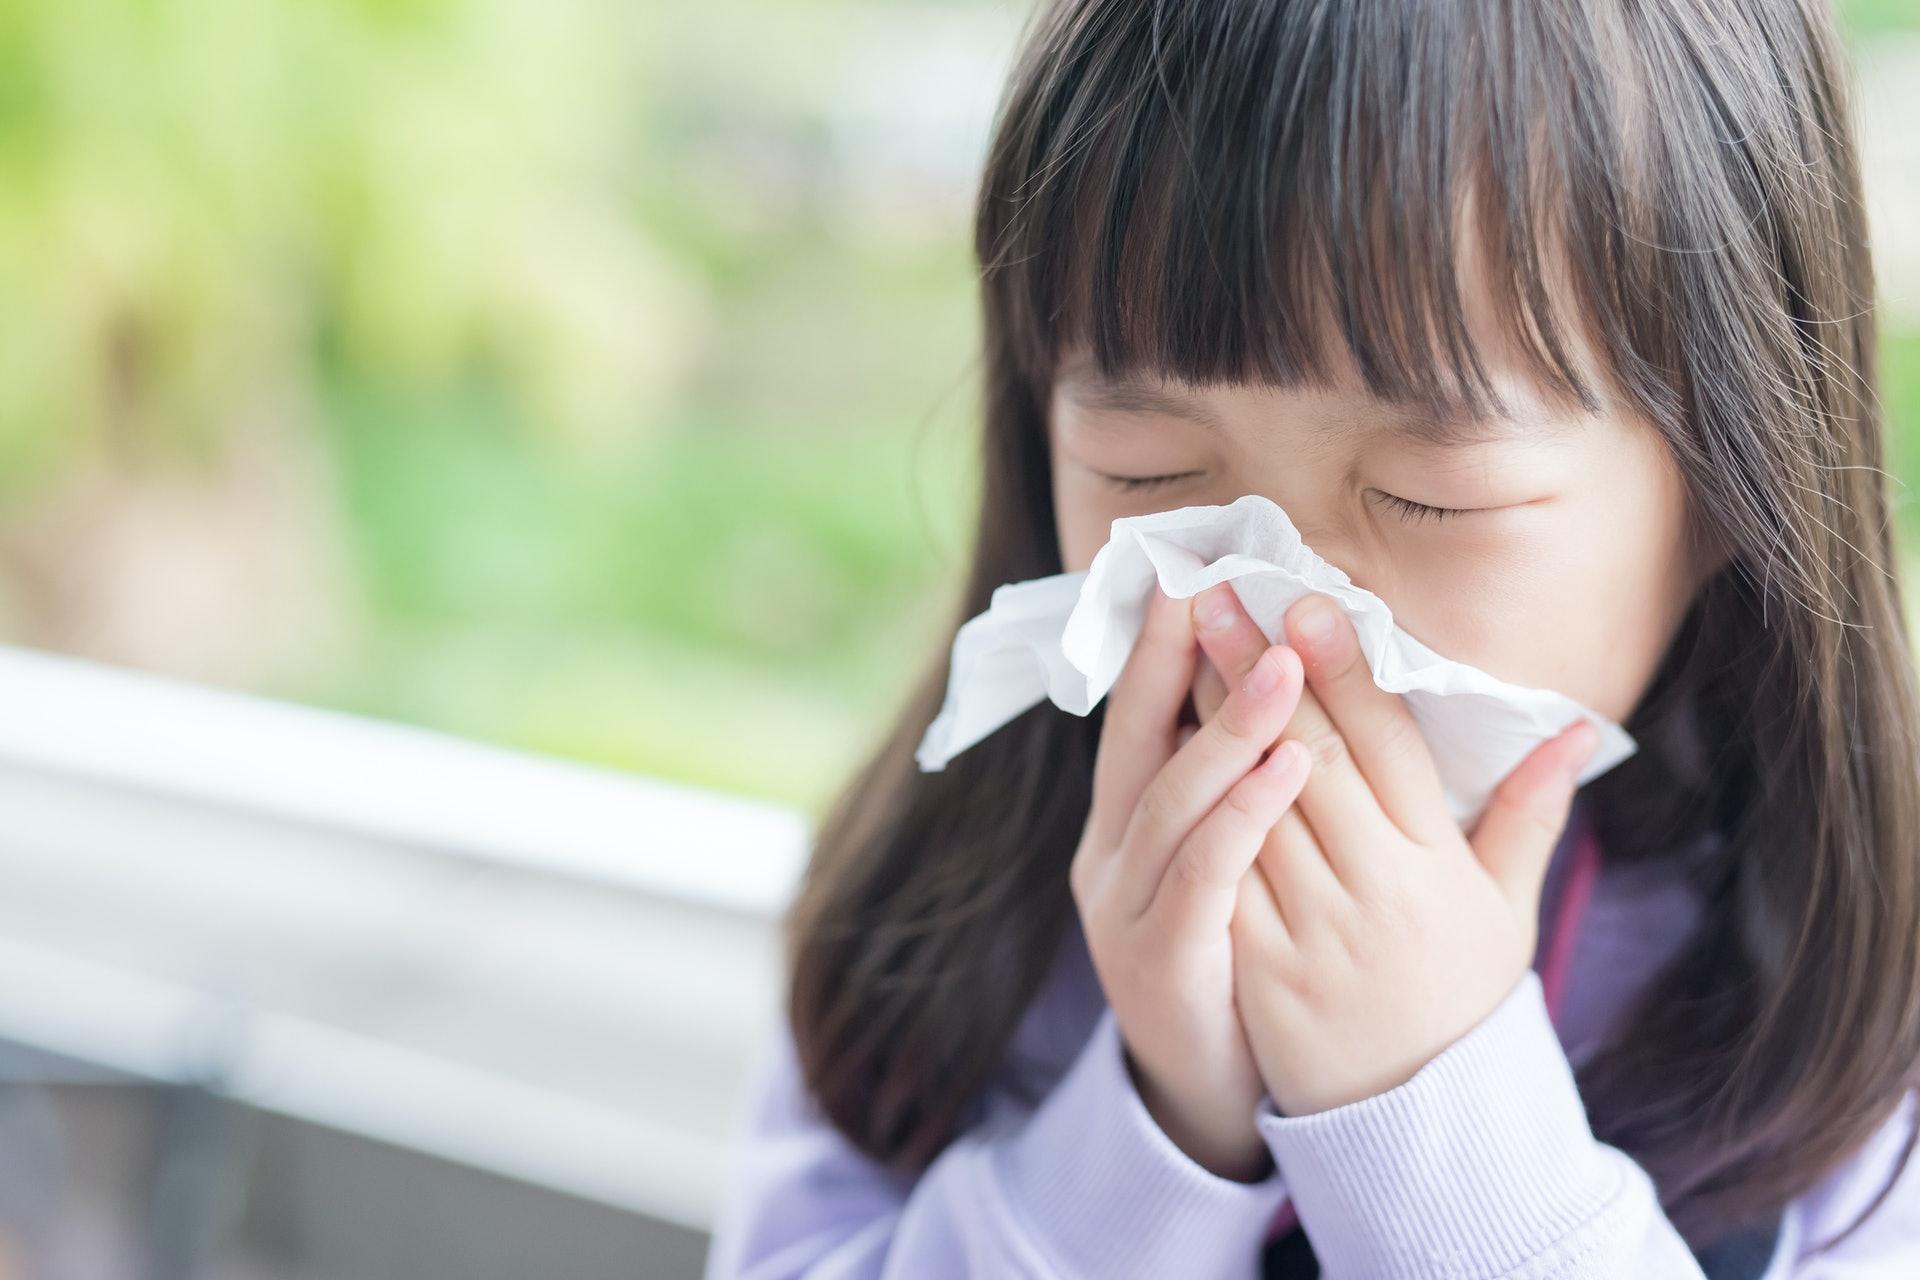 流鼻水、眼痕、濕疹等過敏症狀有機會為校園生活帶來困擾